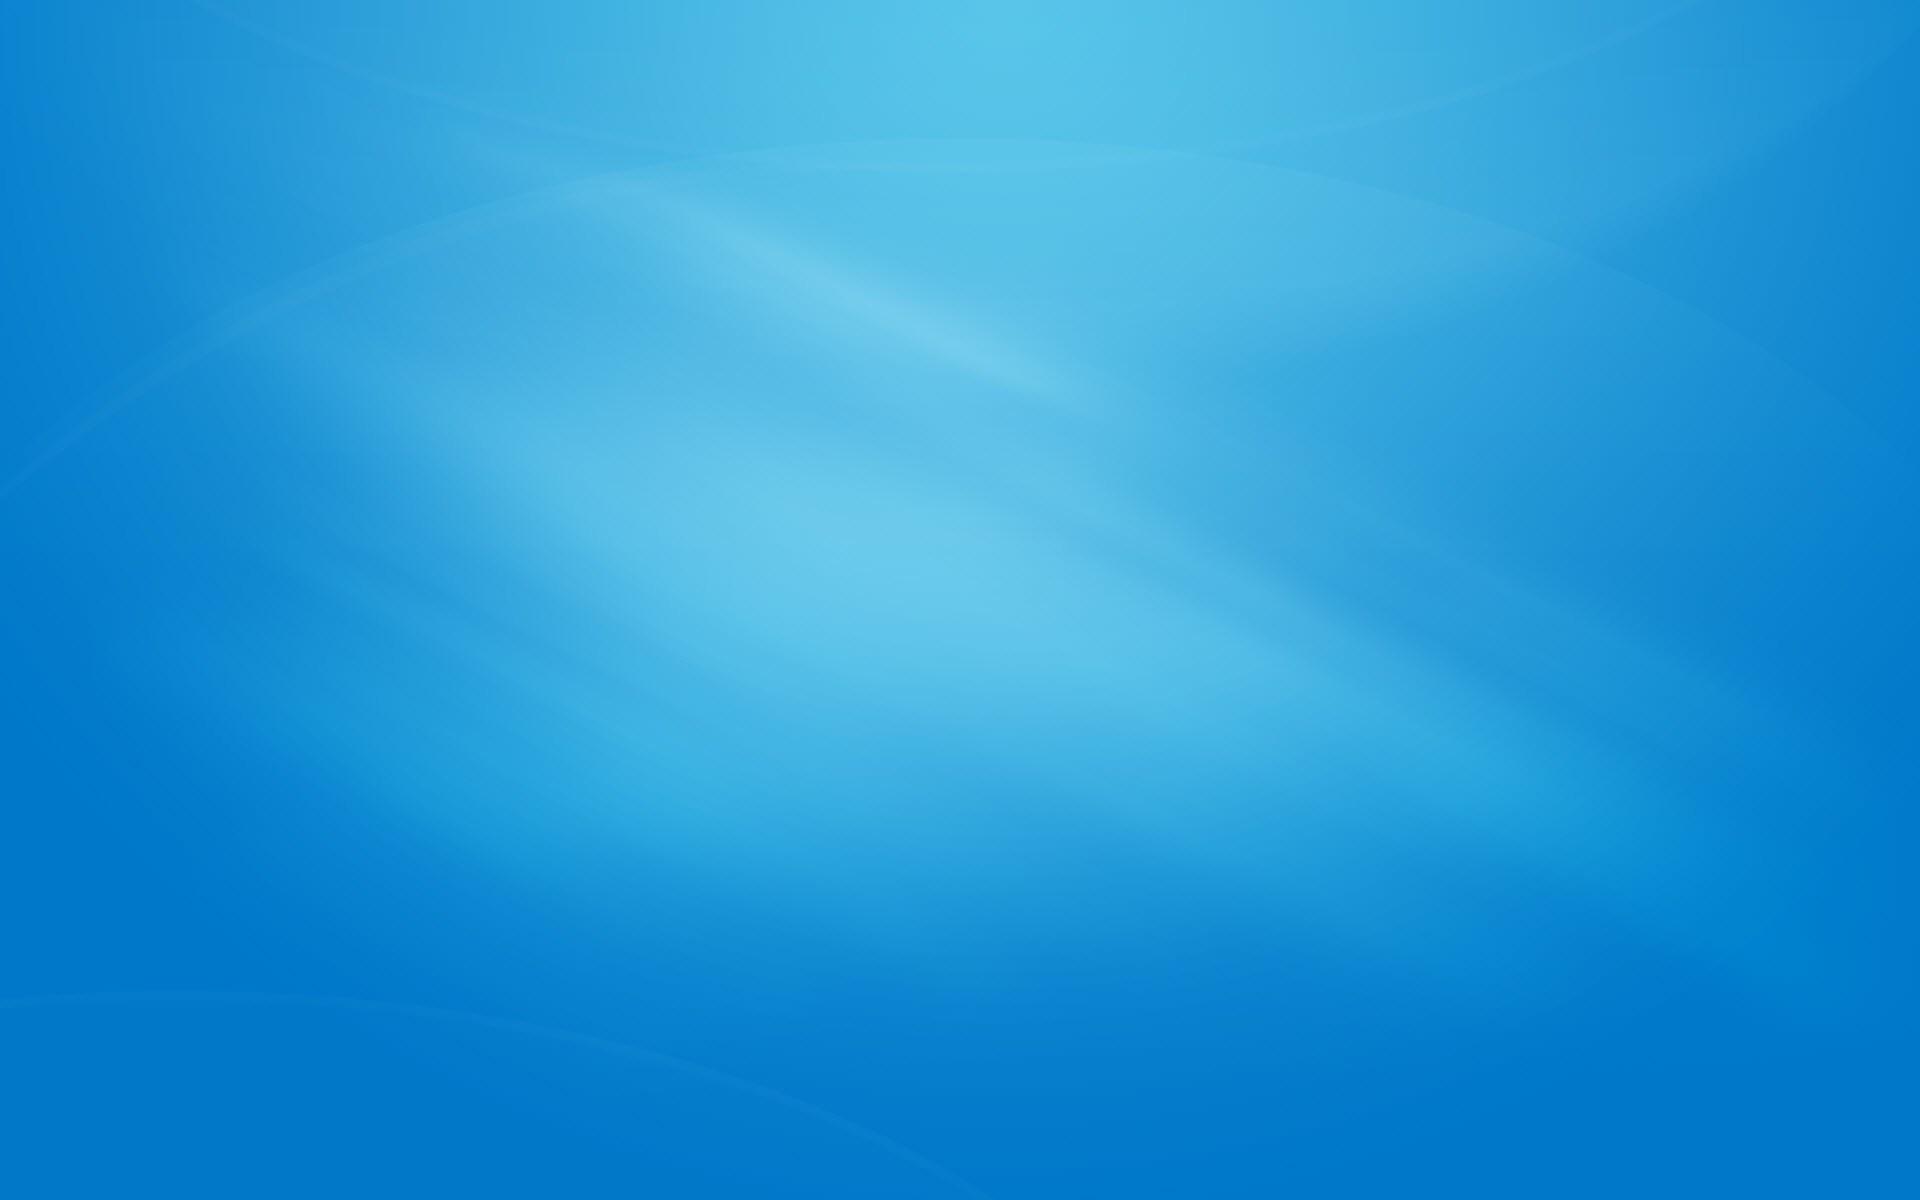 Desktop Wallpaper Templates Canva · Blue WallpapersTemplates